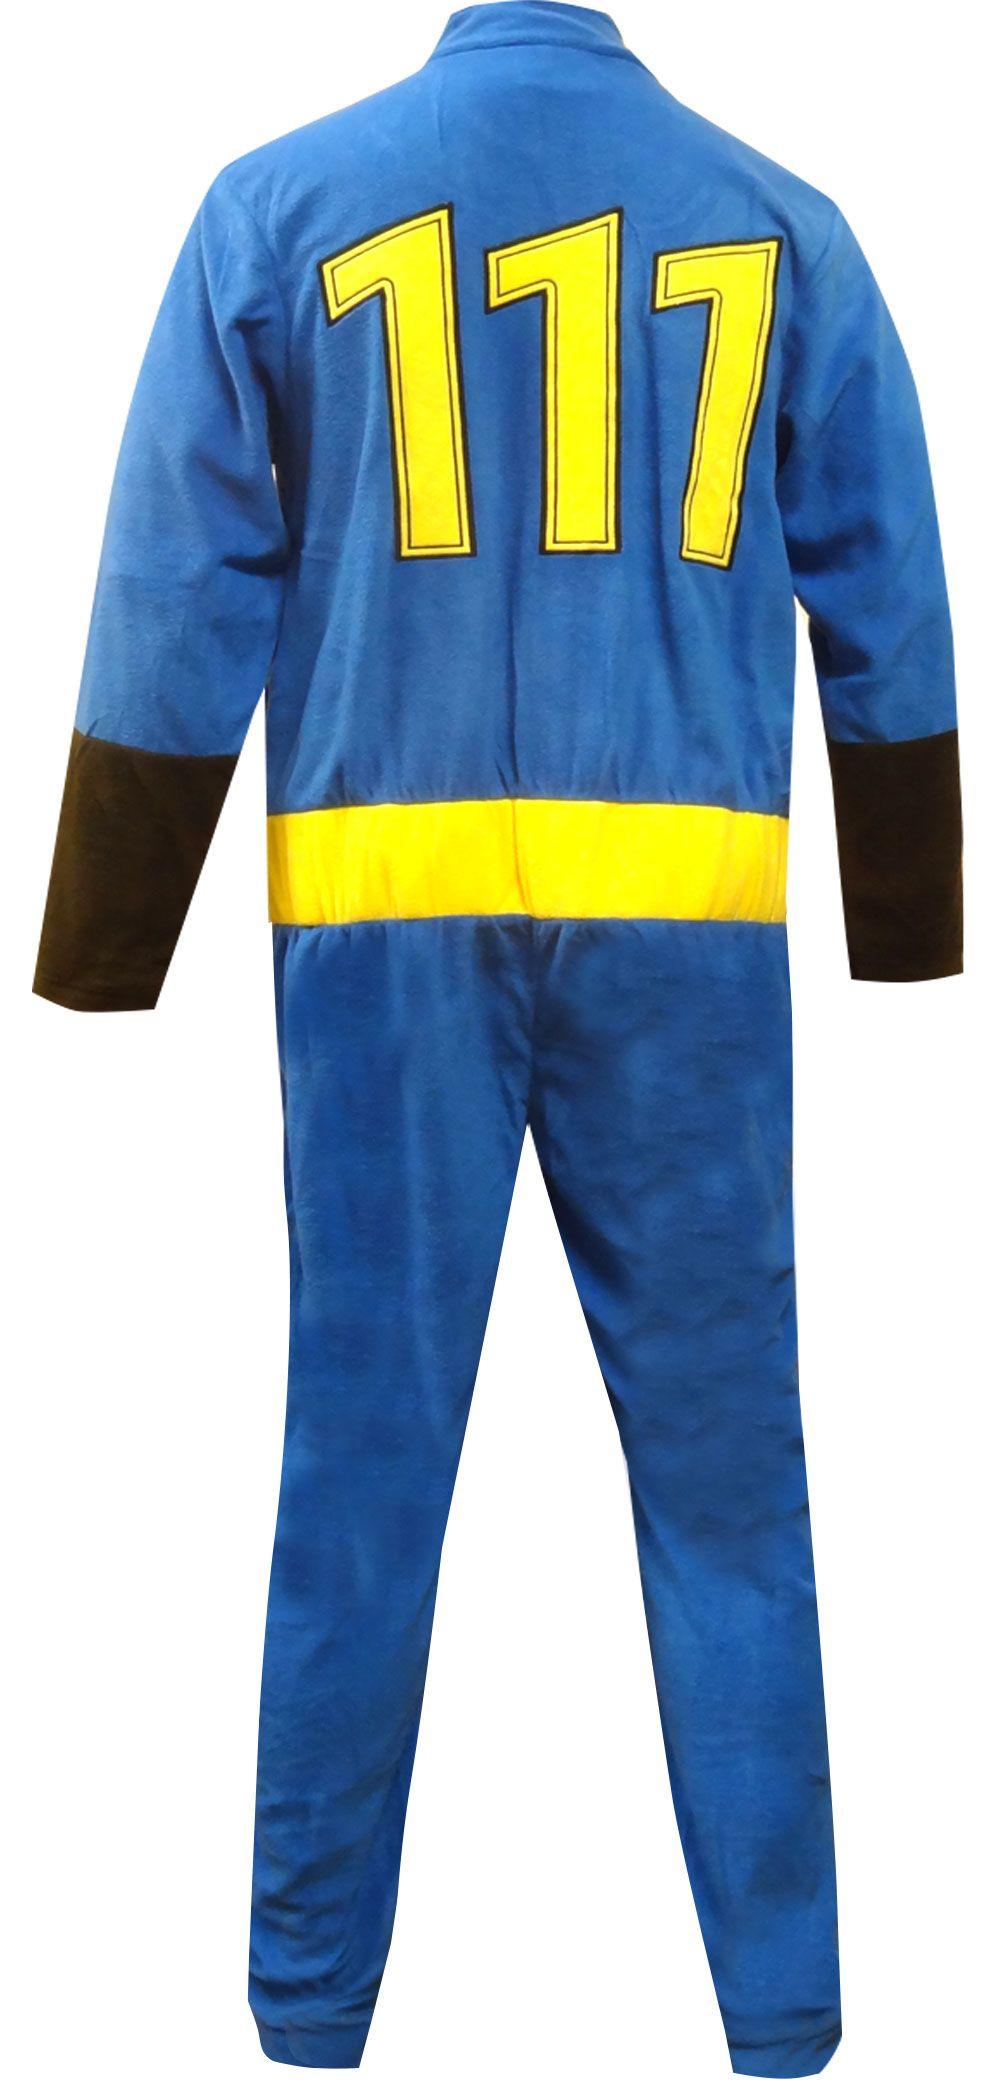 WebUndies.com Fallout Jumpsuit Union Suit Onesie Pajama  b9974f1c7